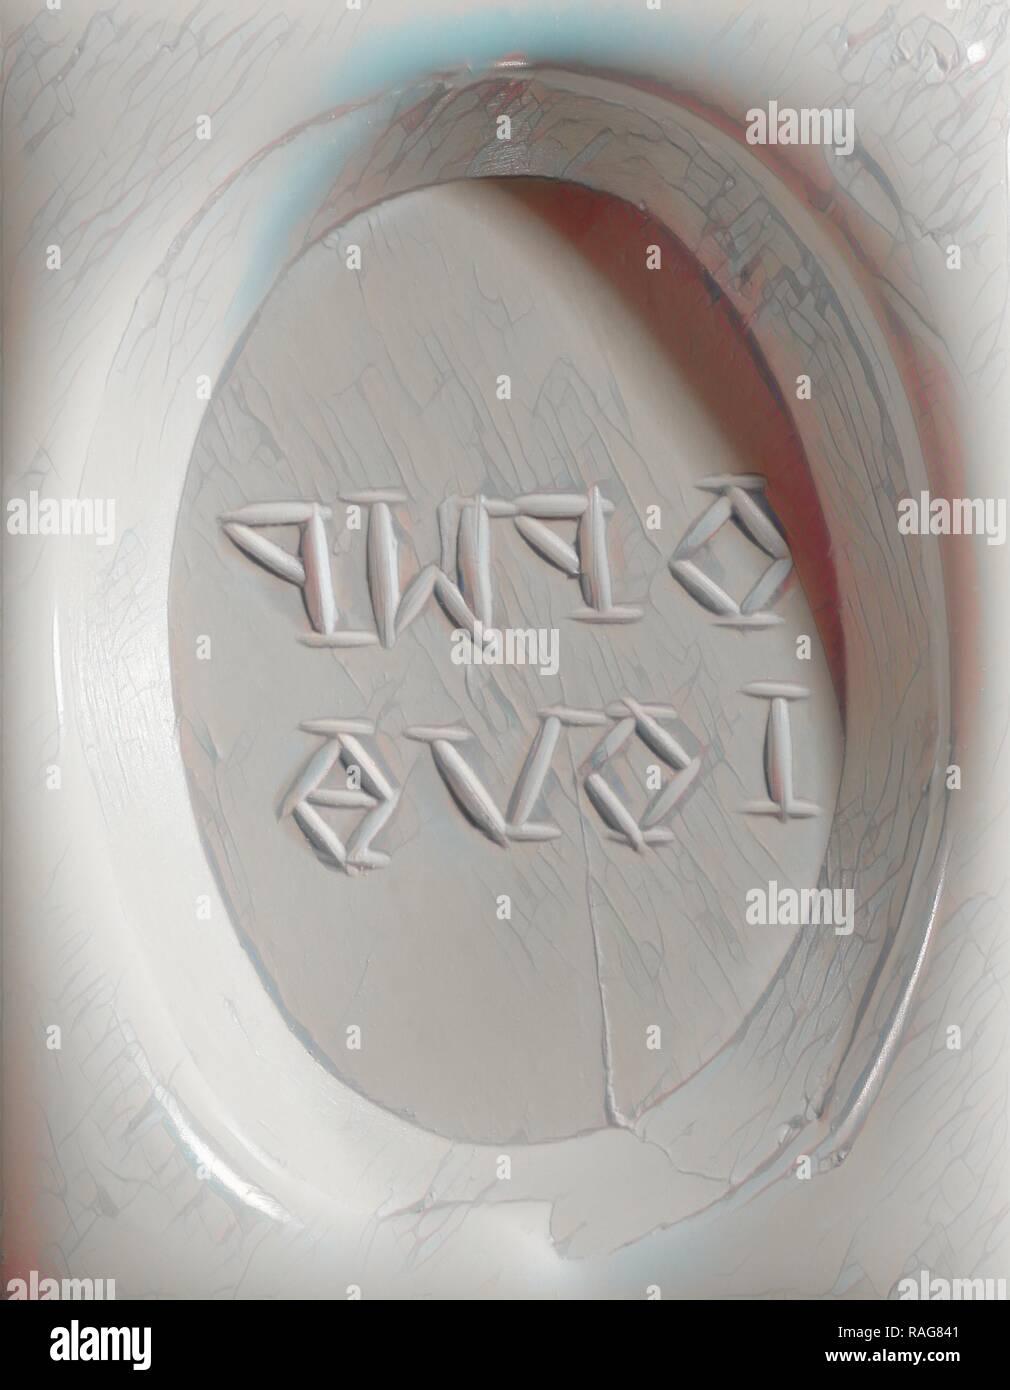 1:12 scala in metallo anticato testa di leone con batacchio tumdee Casa delle Bambole Miniatura 66